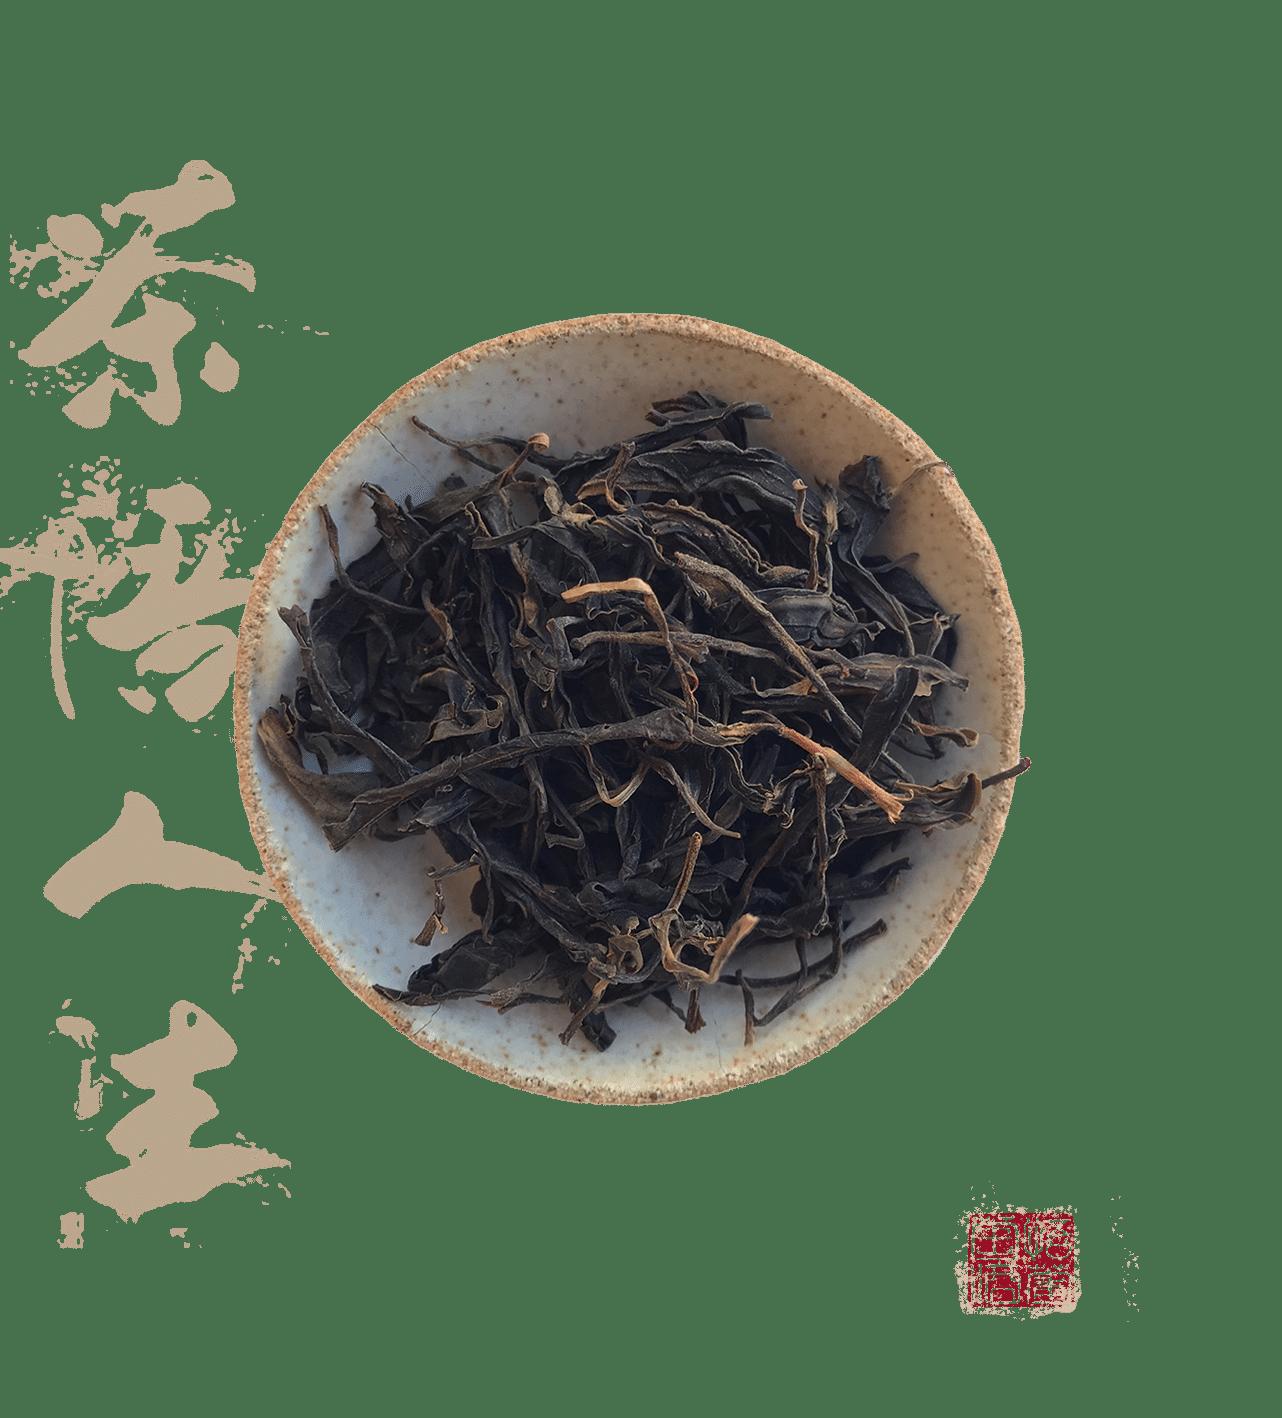 Da hu sai ye sheng is a sheng wild pu erh from yunnan